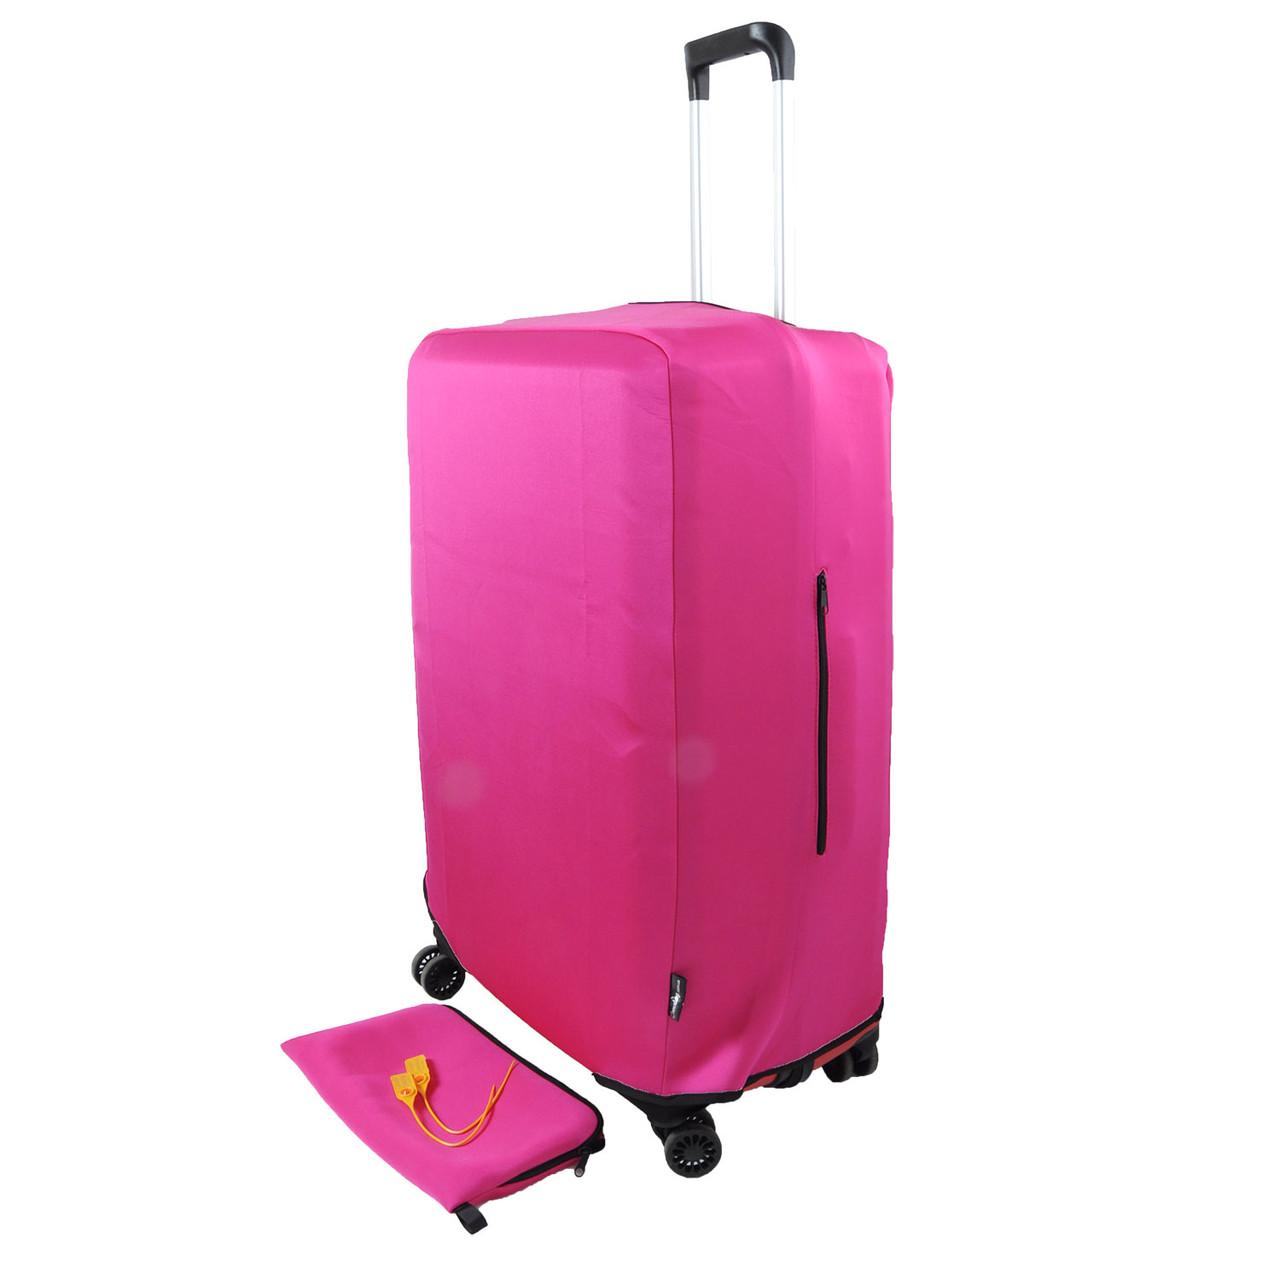 Чехол для чемодана L (65 - 75 см) - Розовый (Фастекс, пластиковая защелка, сумочка)